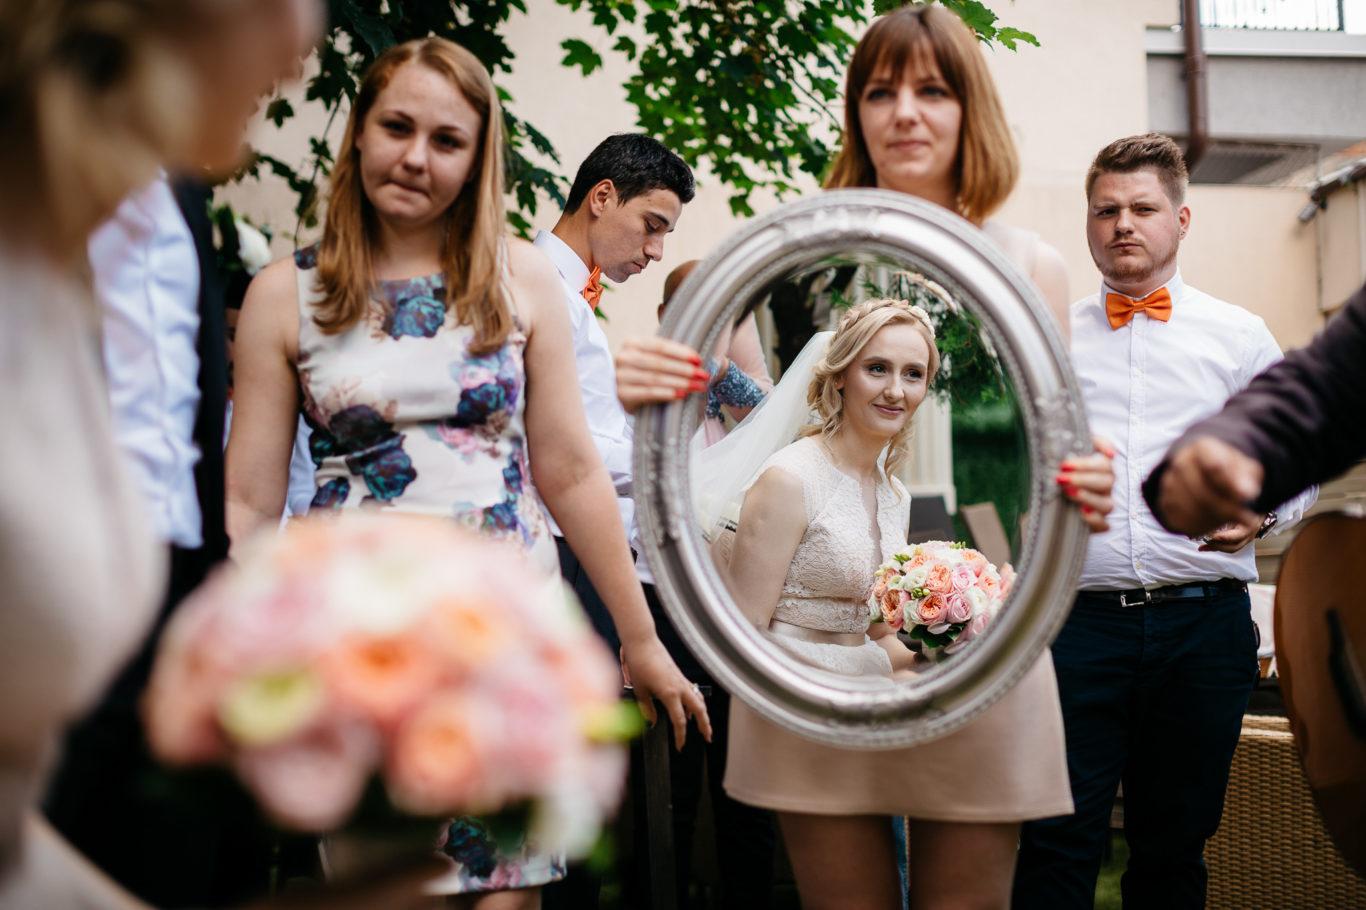 0335-Fotografie-nunta-Mirela-Iulian-fotograf-Ciprian-Dumitrescu-DCF_6939